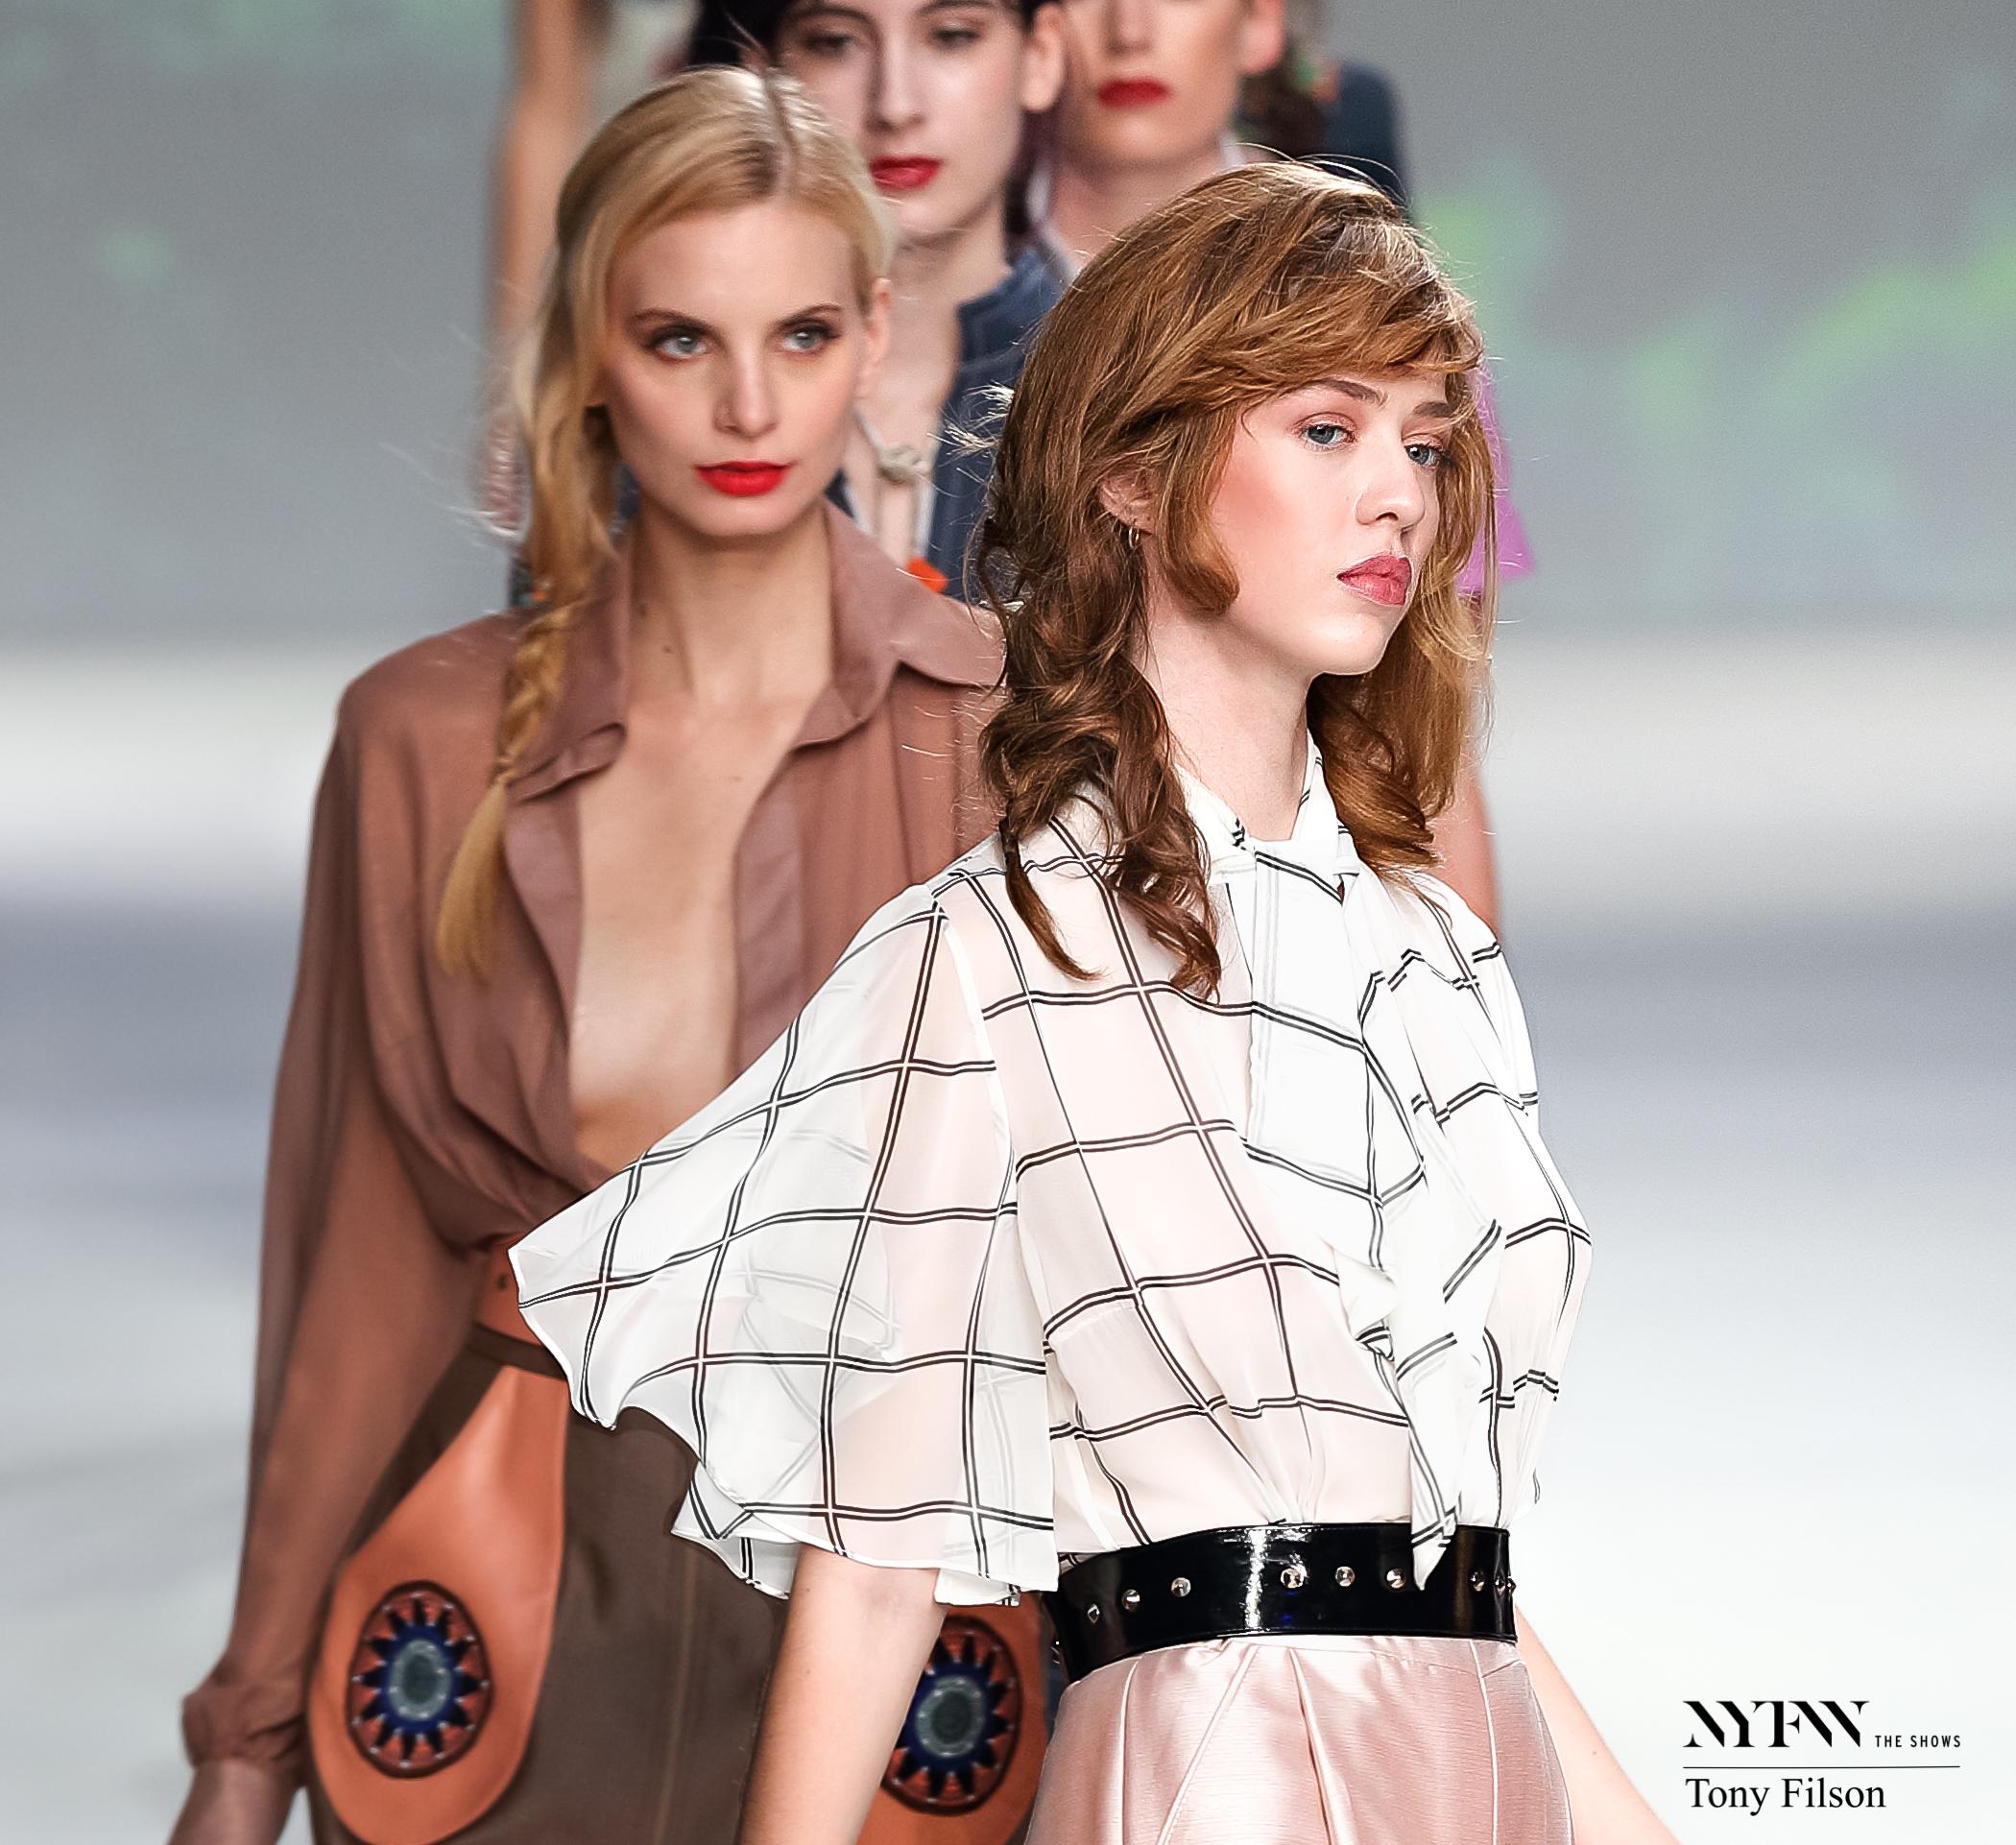 Tony Filson Fashion Photography